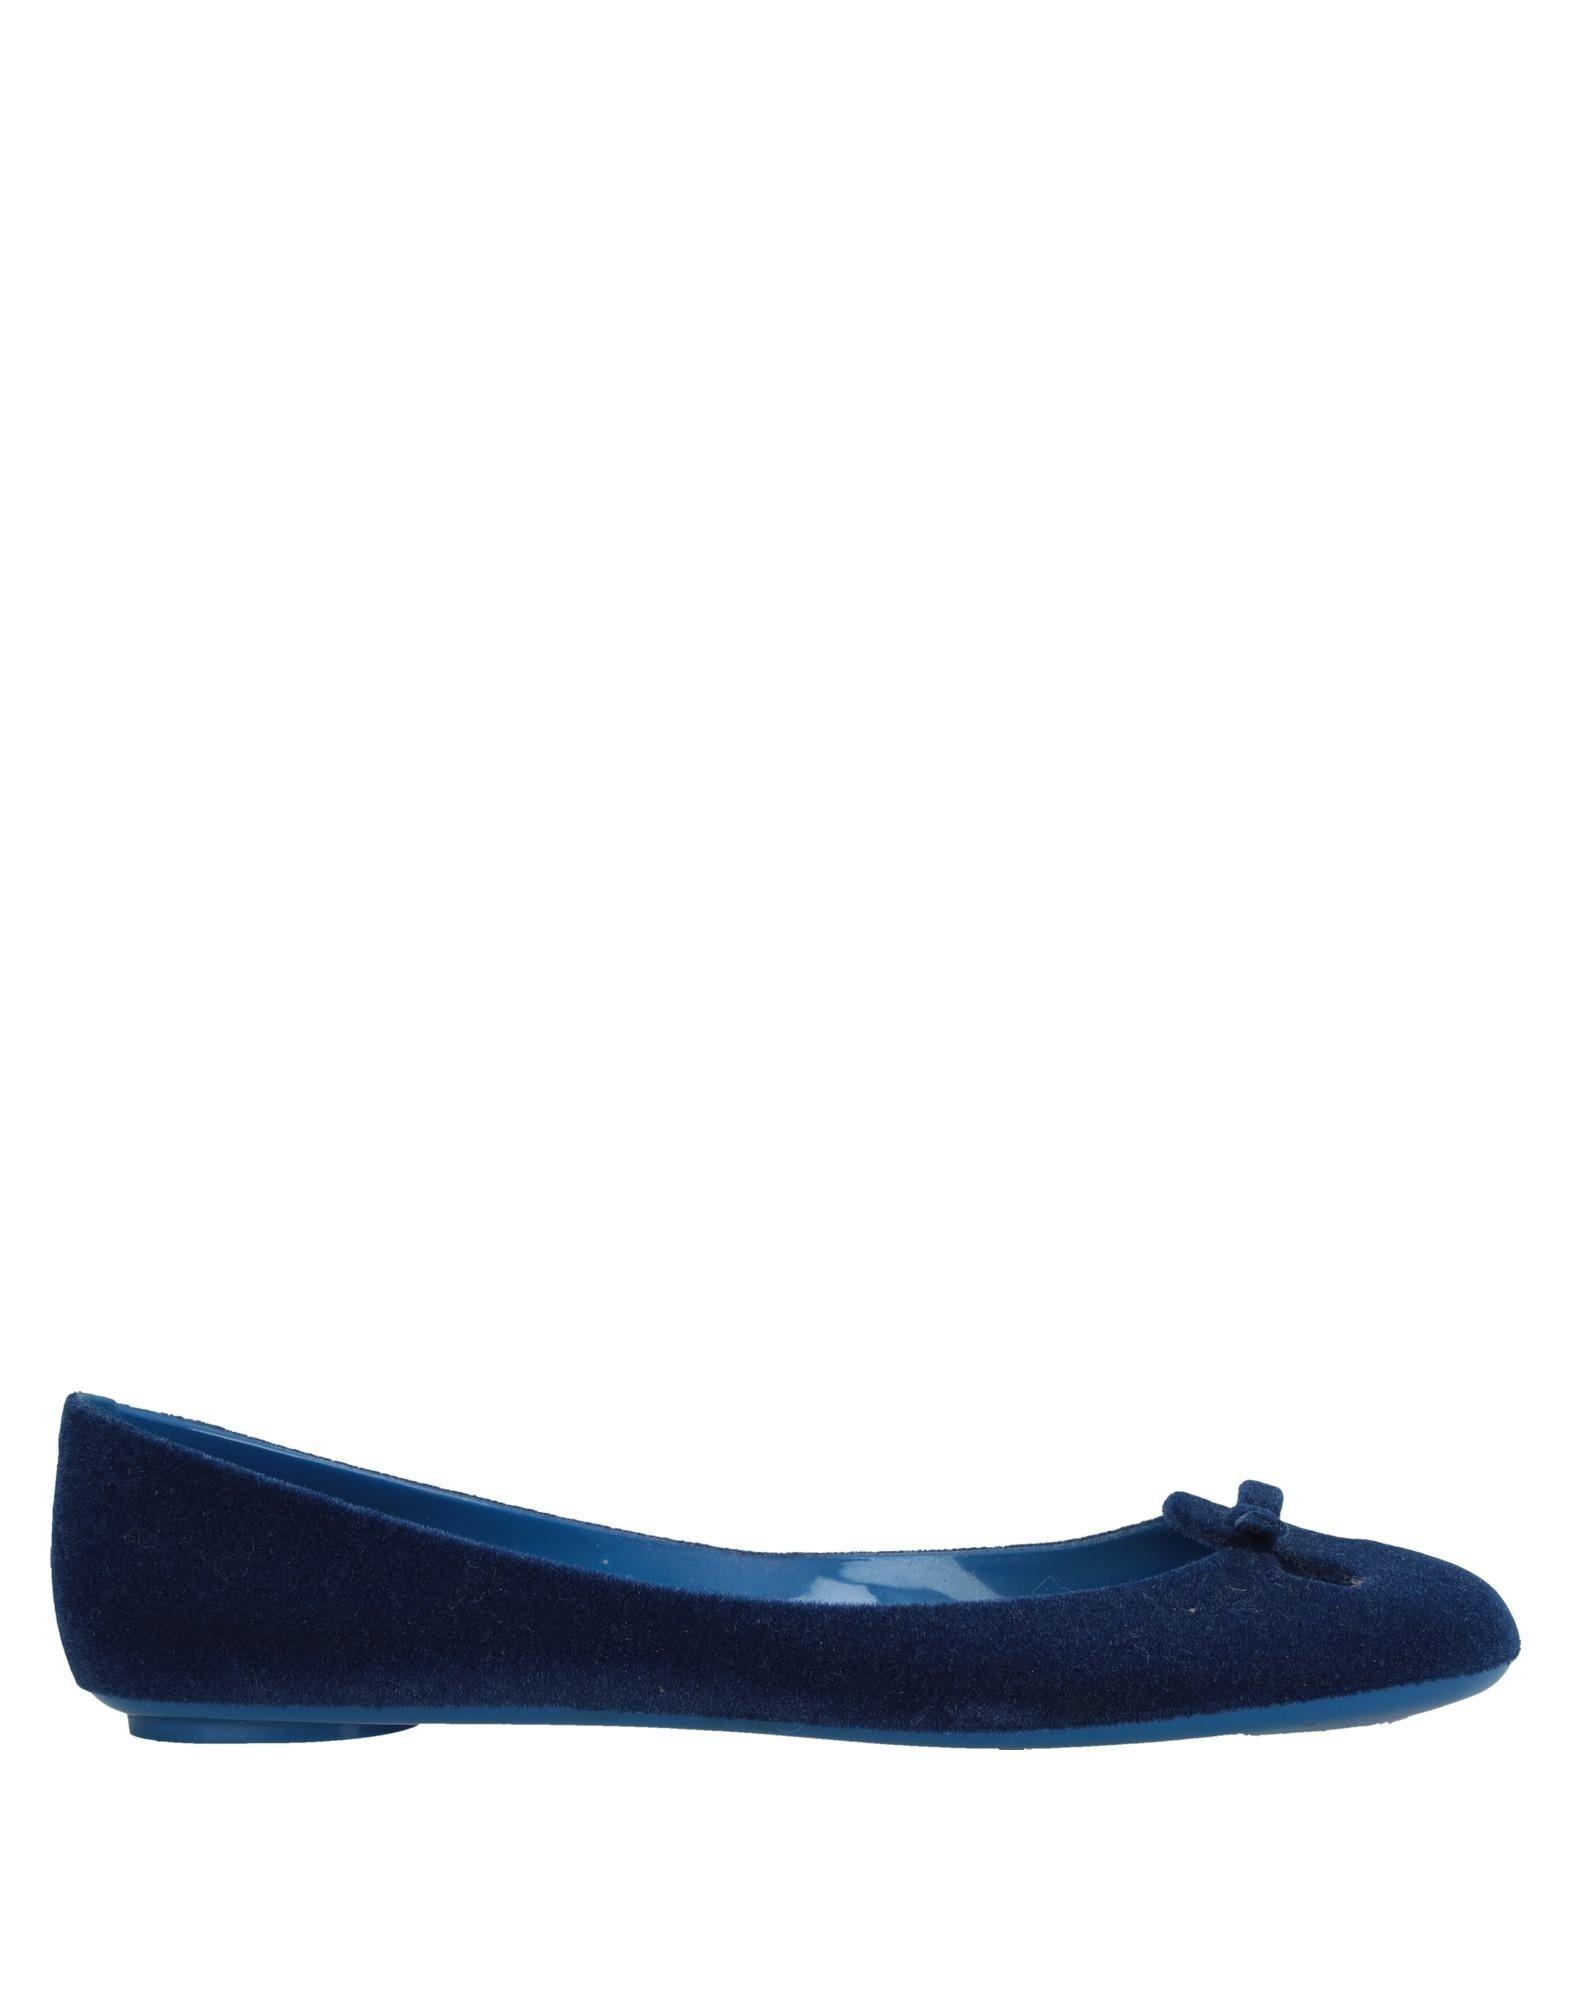 Stilvolle billige Schuhe Damen Marc Jacobs Ballerinas Damen Schuhe  11529088GP 2b1fab